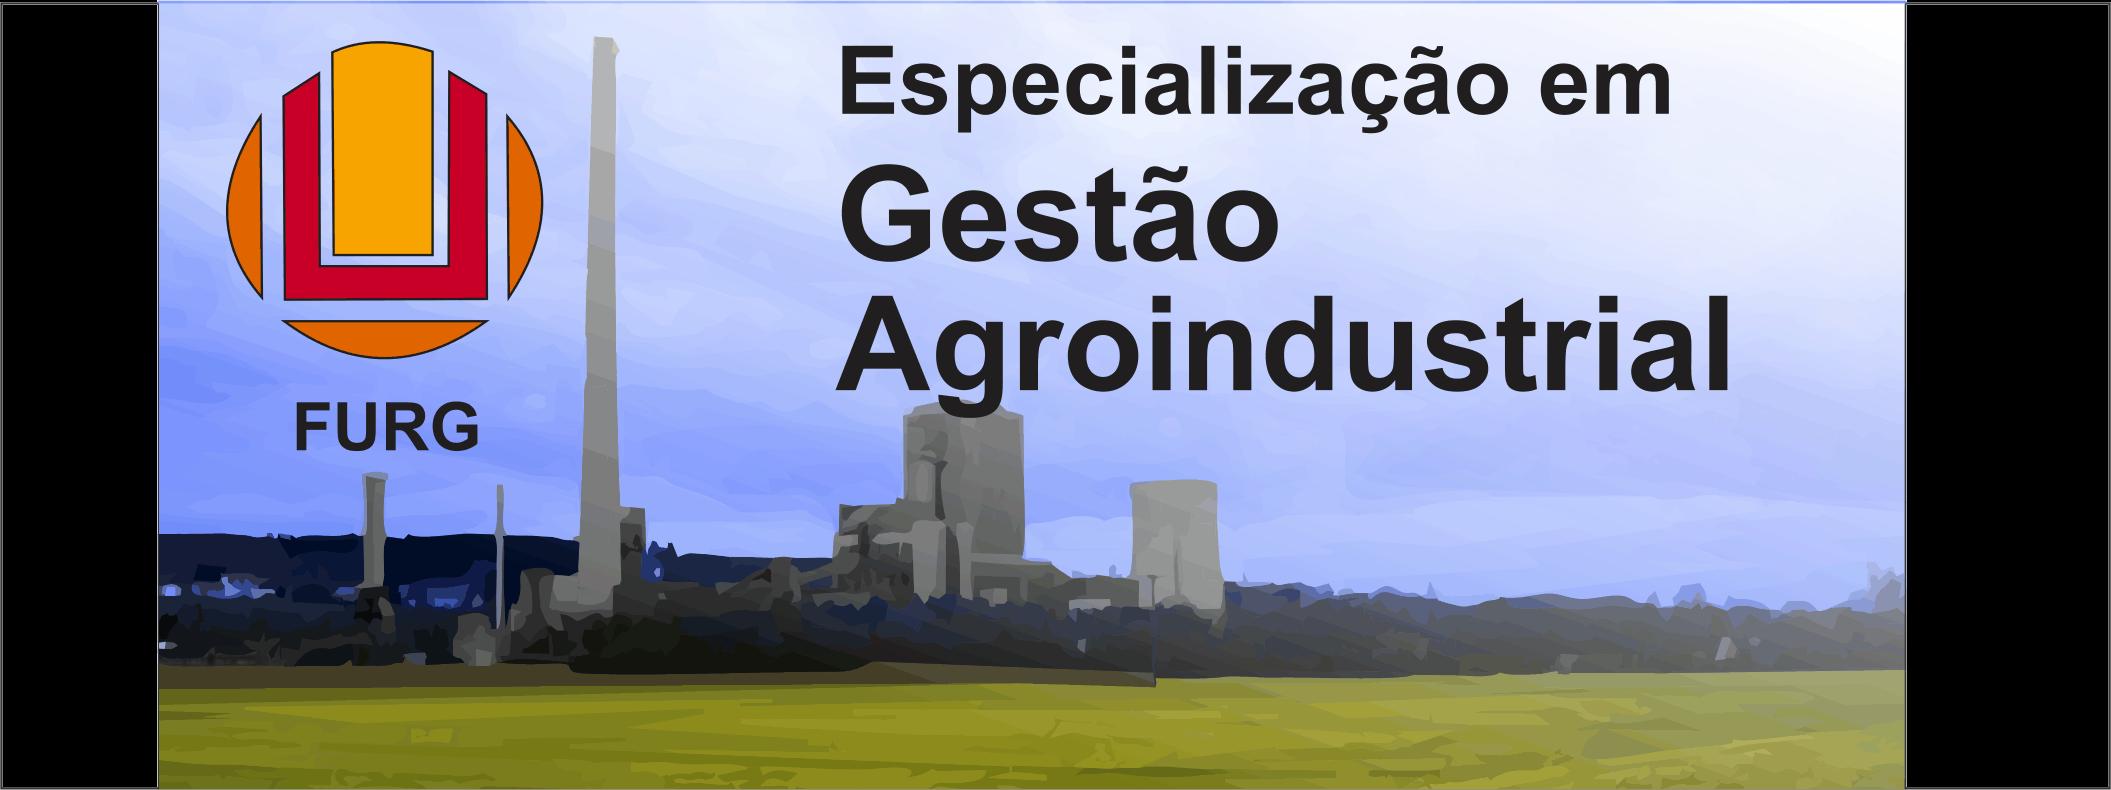 Especialização em Gestão Agroindustrial